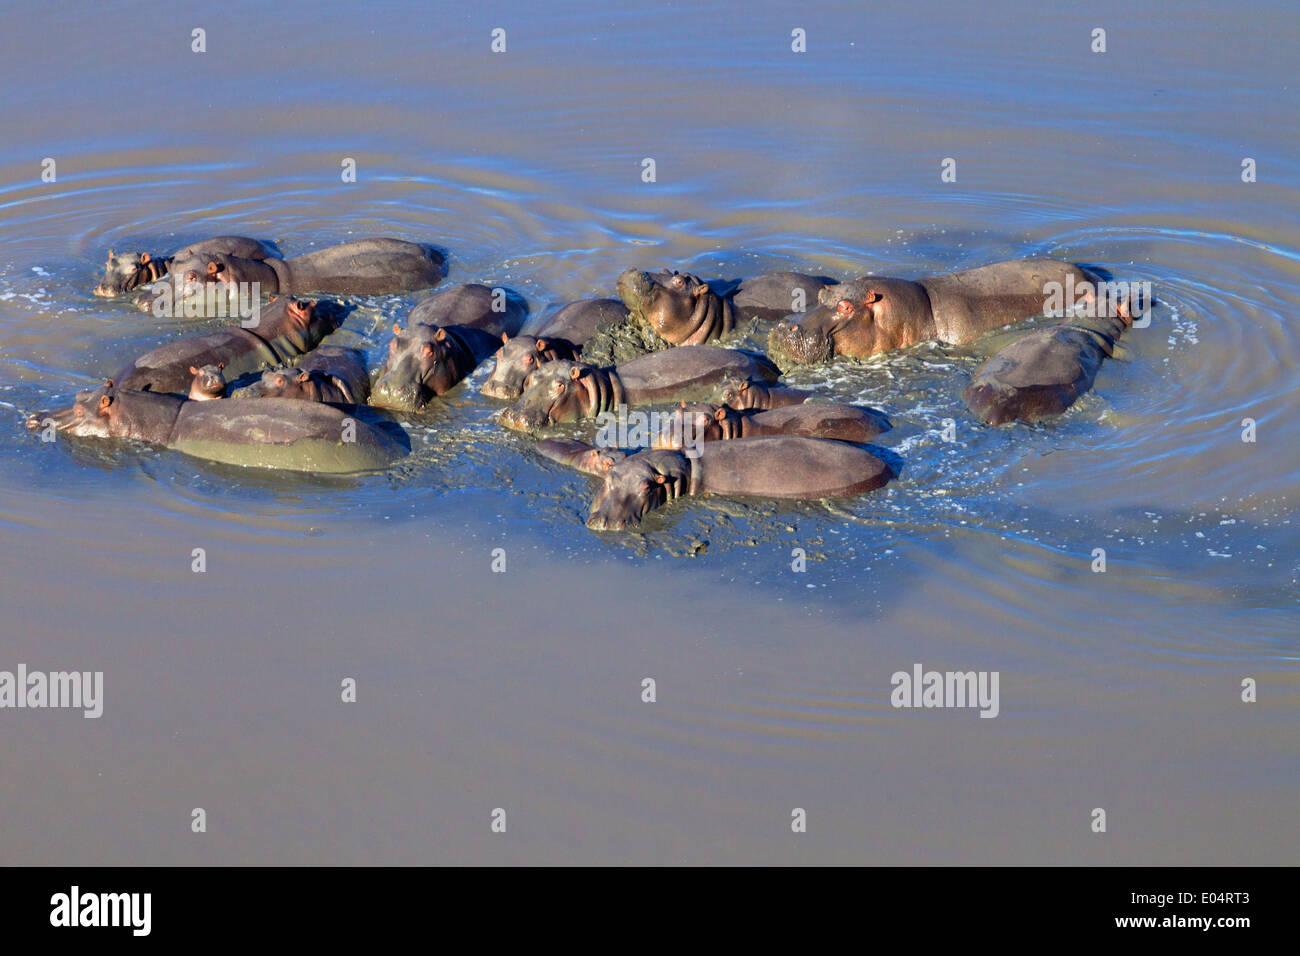 Luftaufnahme des Nilpferd im Wasser. Nilpferd. (Hippopotamus Amphibius) Südafrika Stockbild